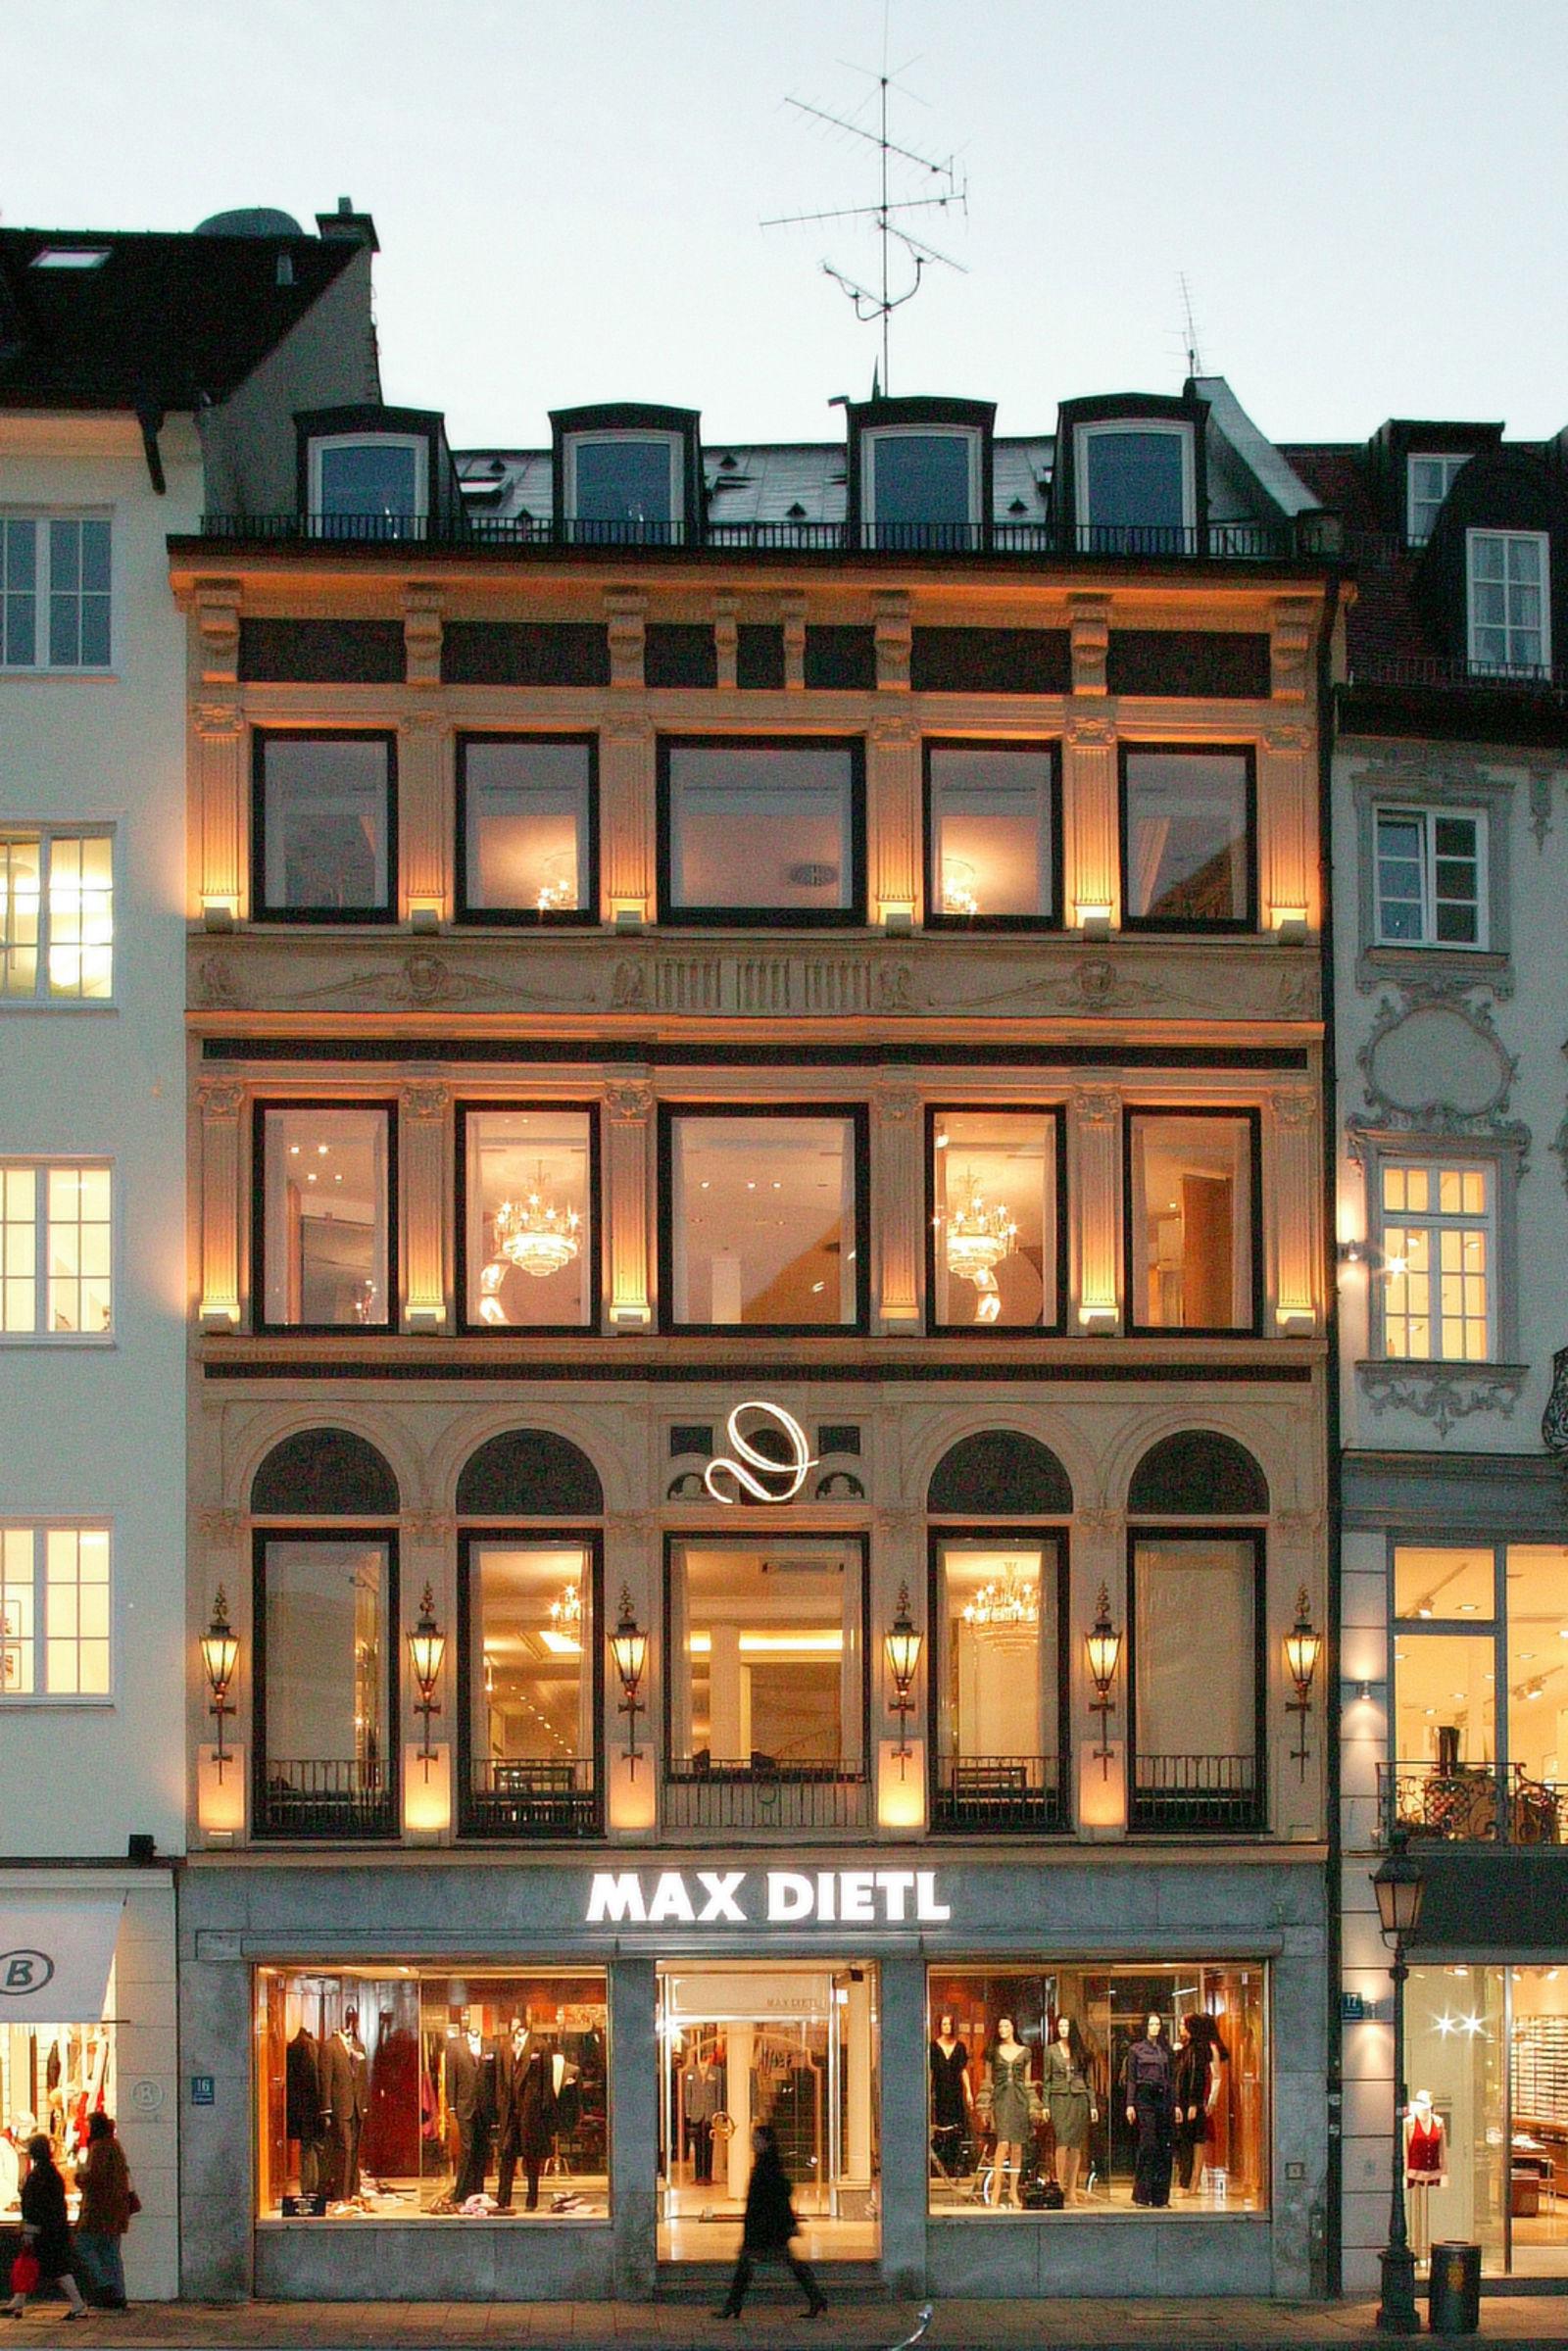 Max Dietl Haute Couture na Munique (Bild 1)